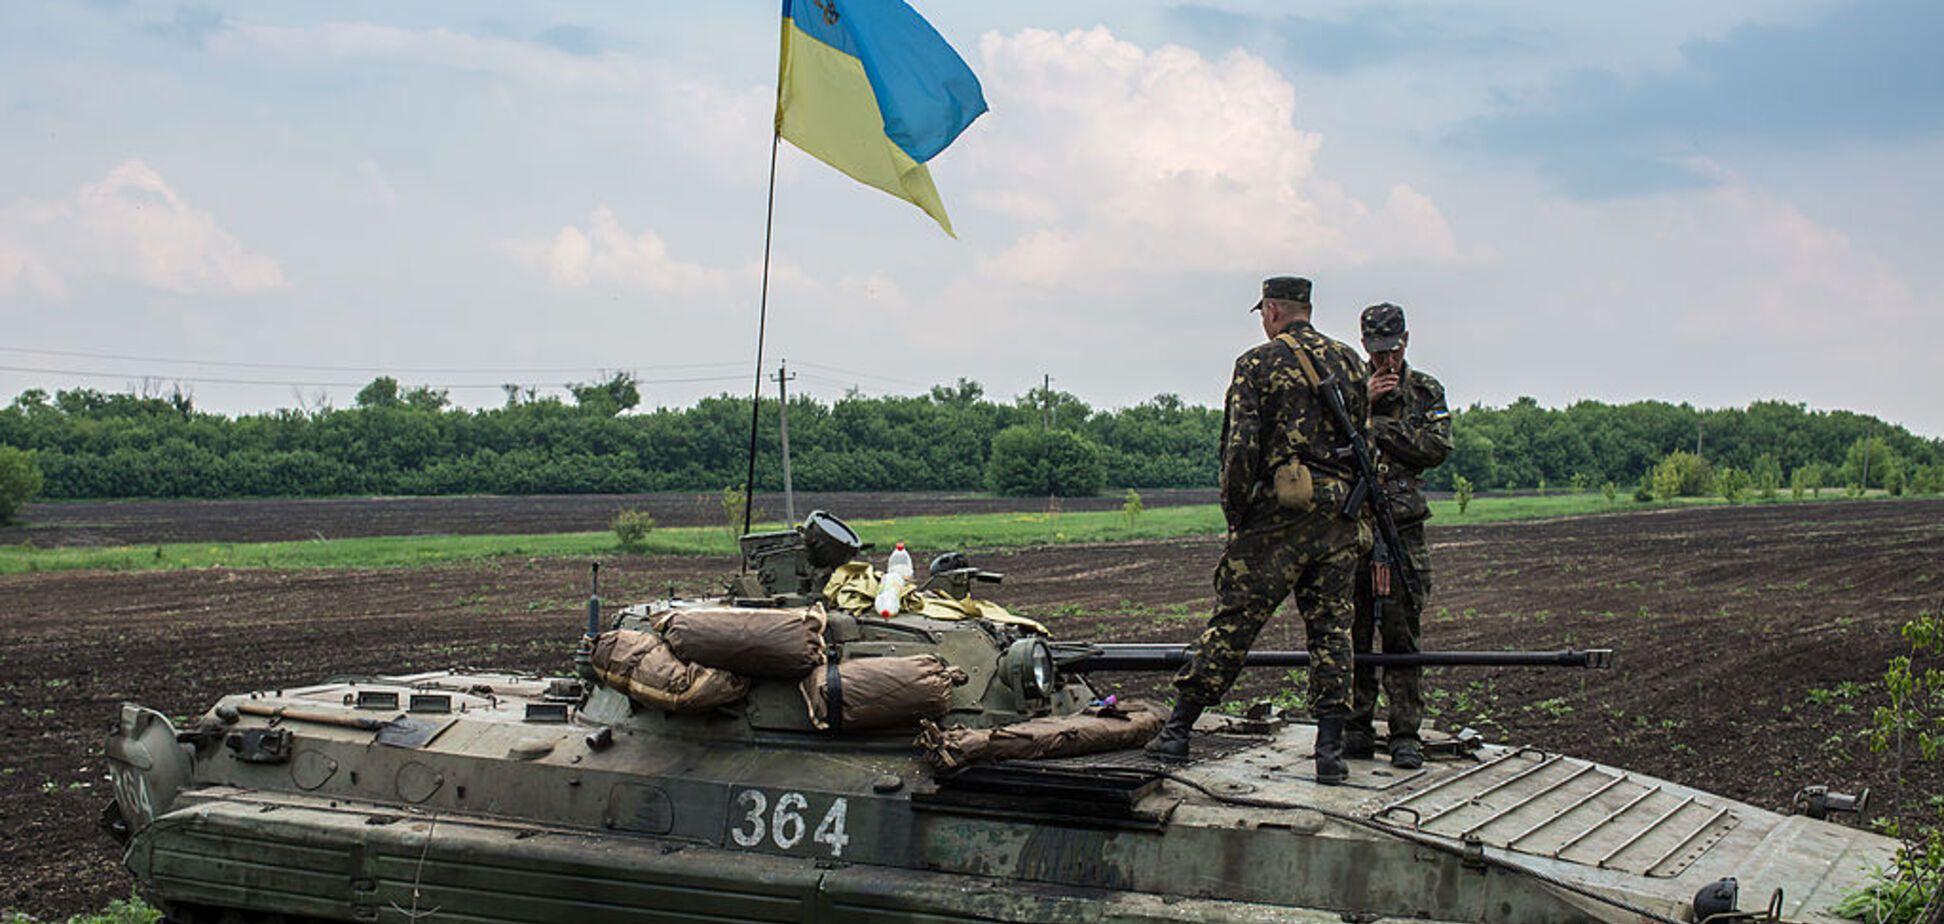 Бьют из минометов и гранатометов: в штабе рассказали о ситуации на Донбассе